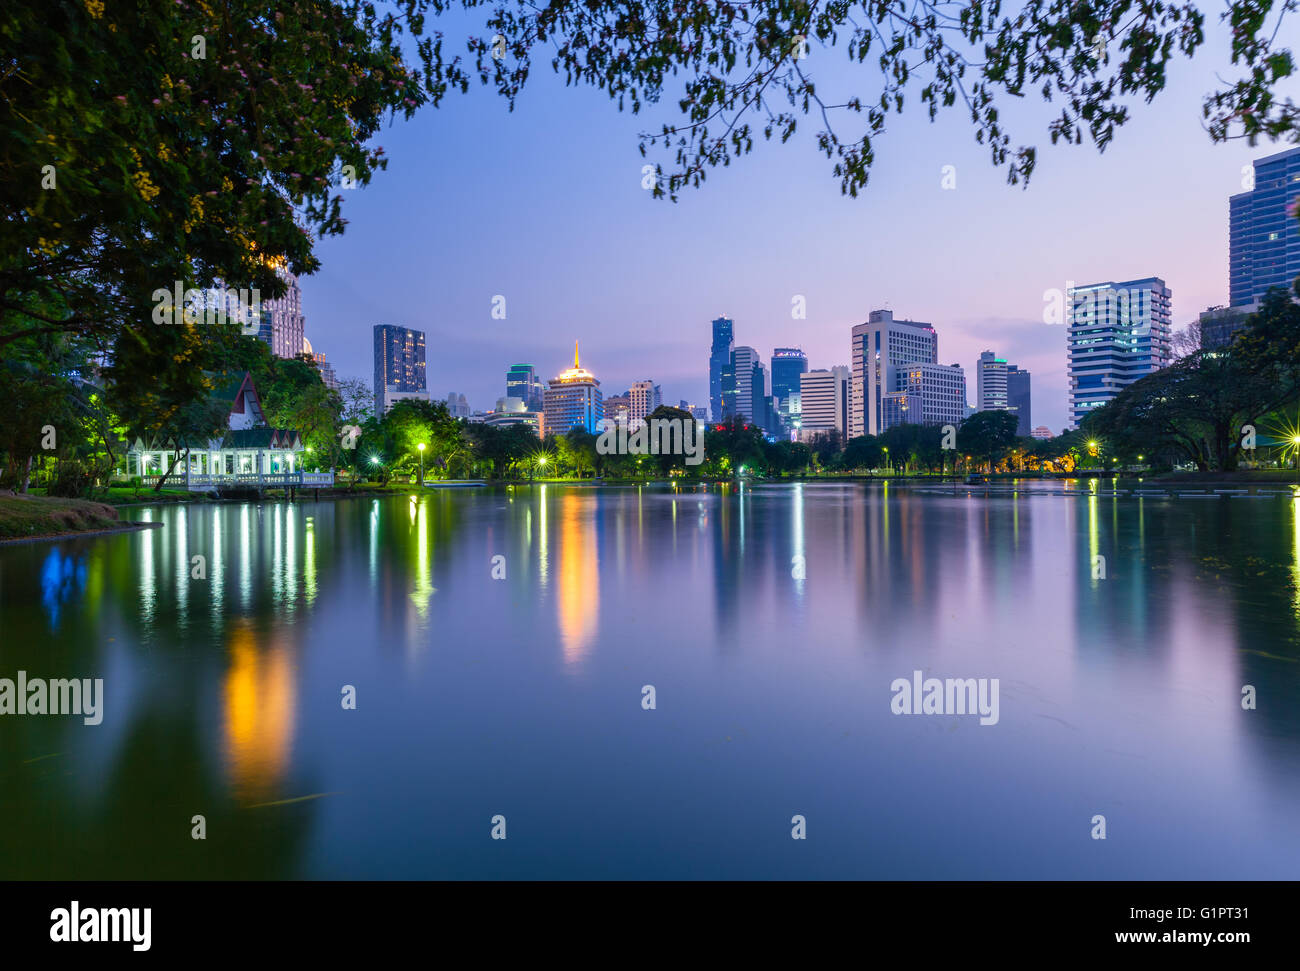 Abenddämmerung Blick auf die Skyline der Stadt in öffentlichen Lumpinipark, Bangkok, Thailand Stockbild